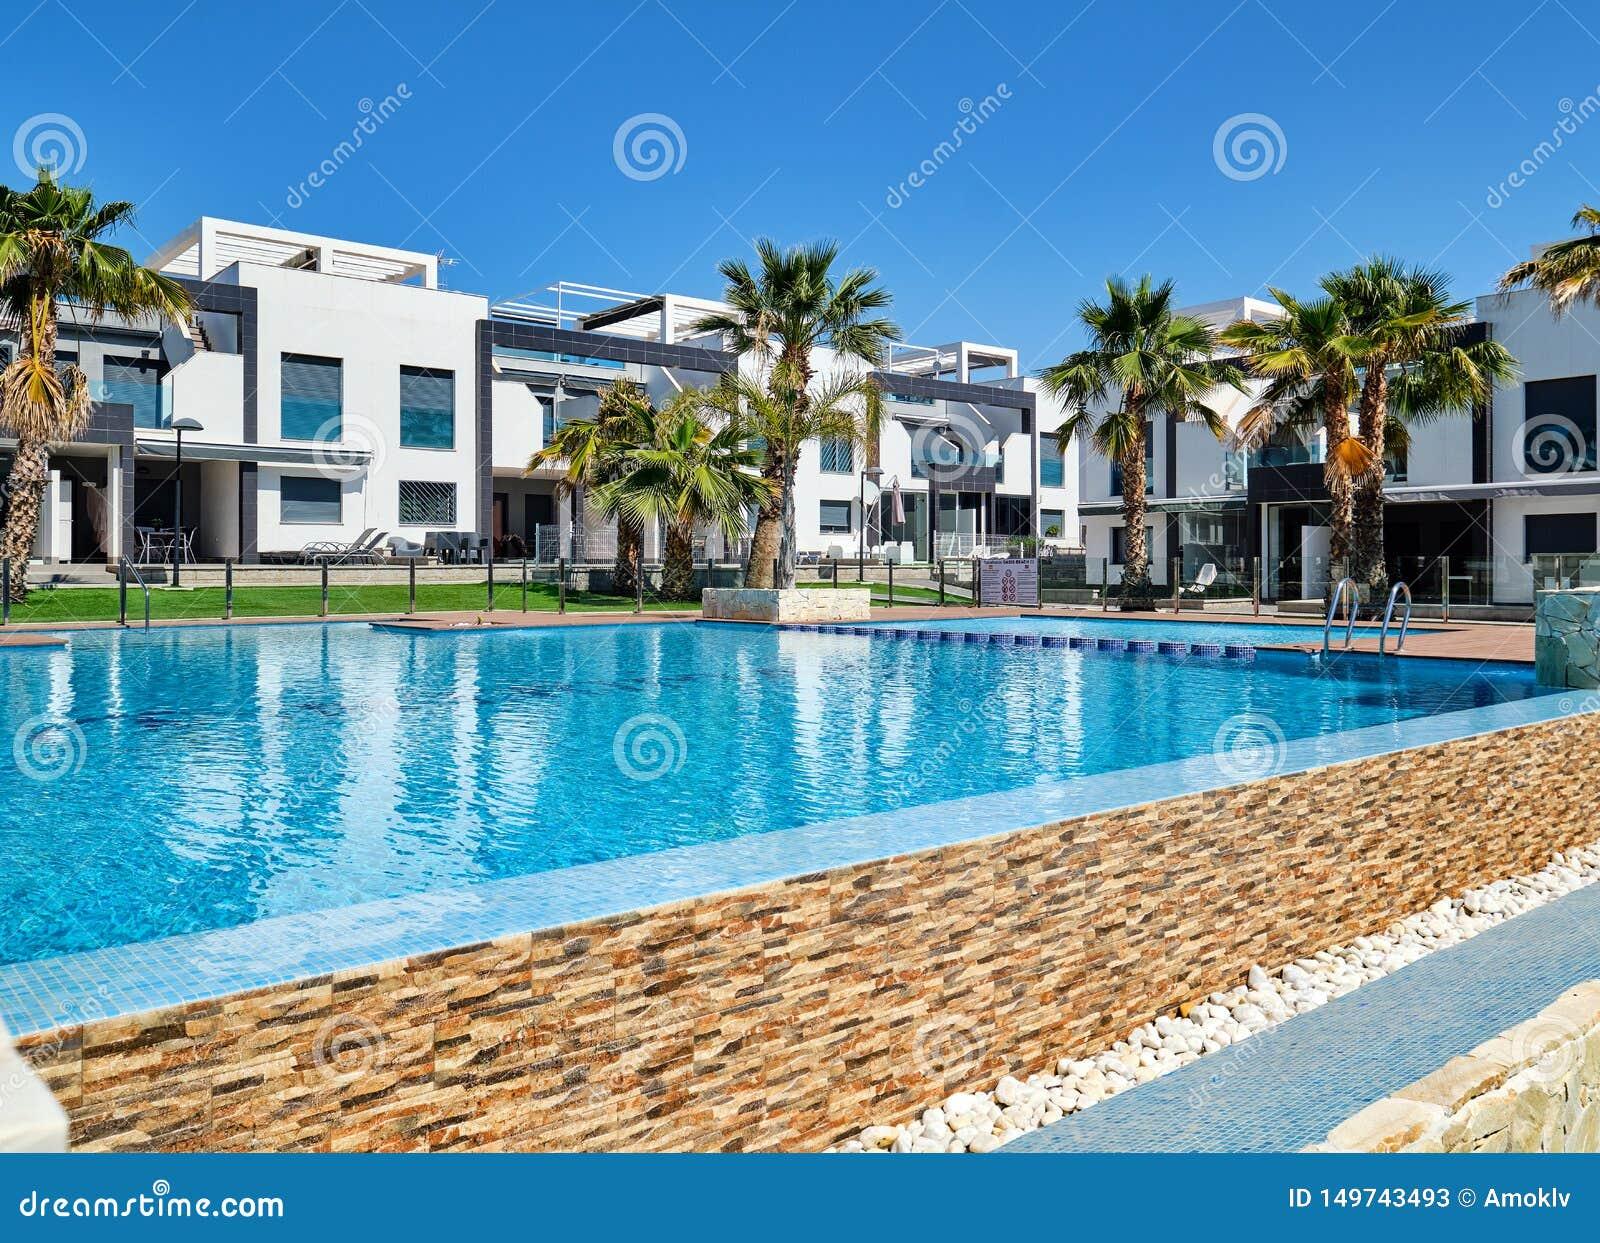 Moderne rijtjeshuizen met zwembad, Torrevieja, Spanje